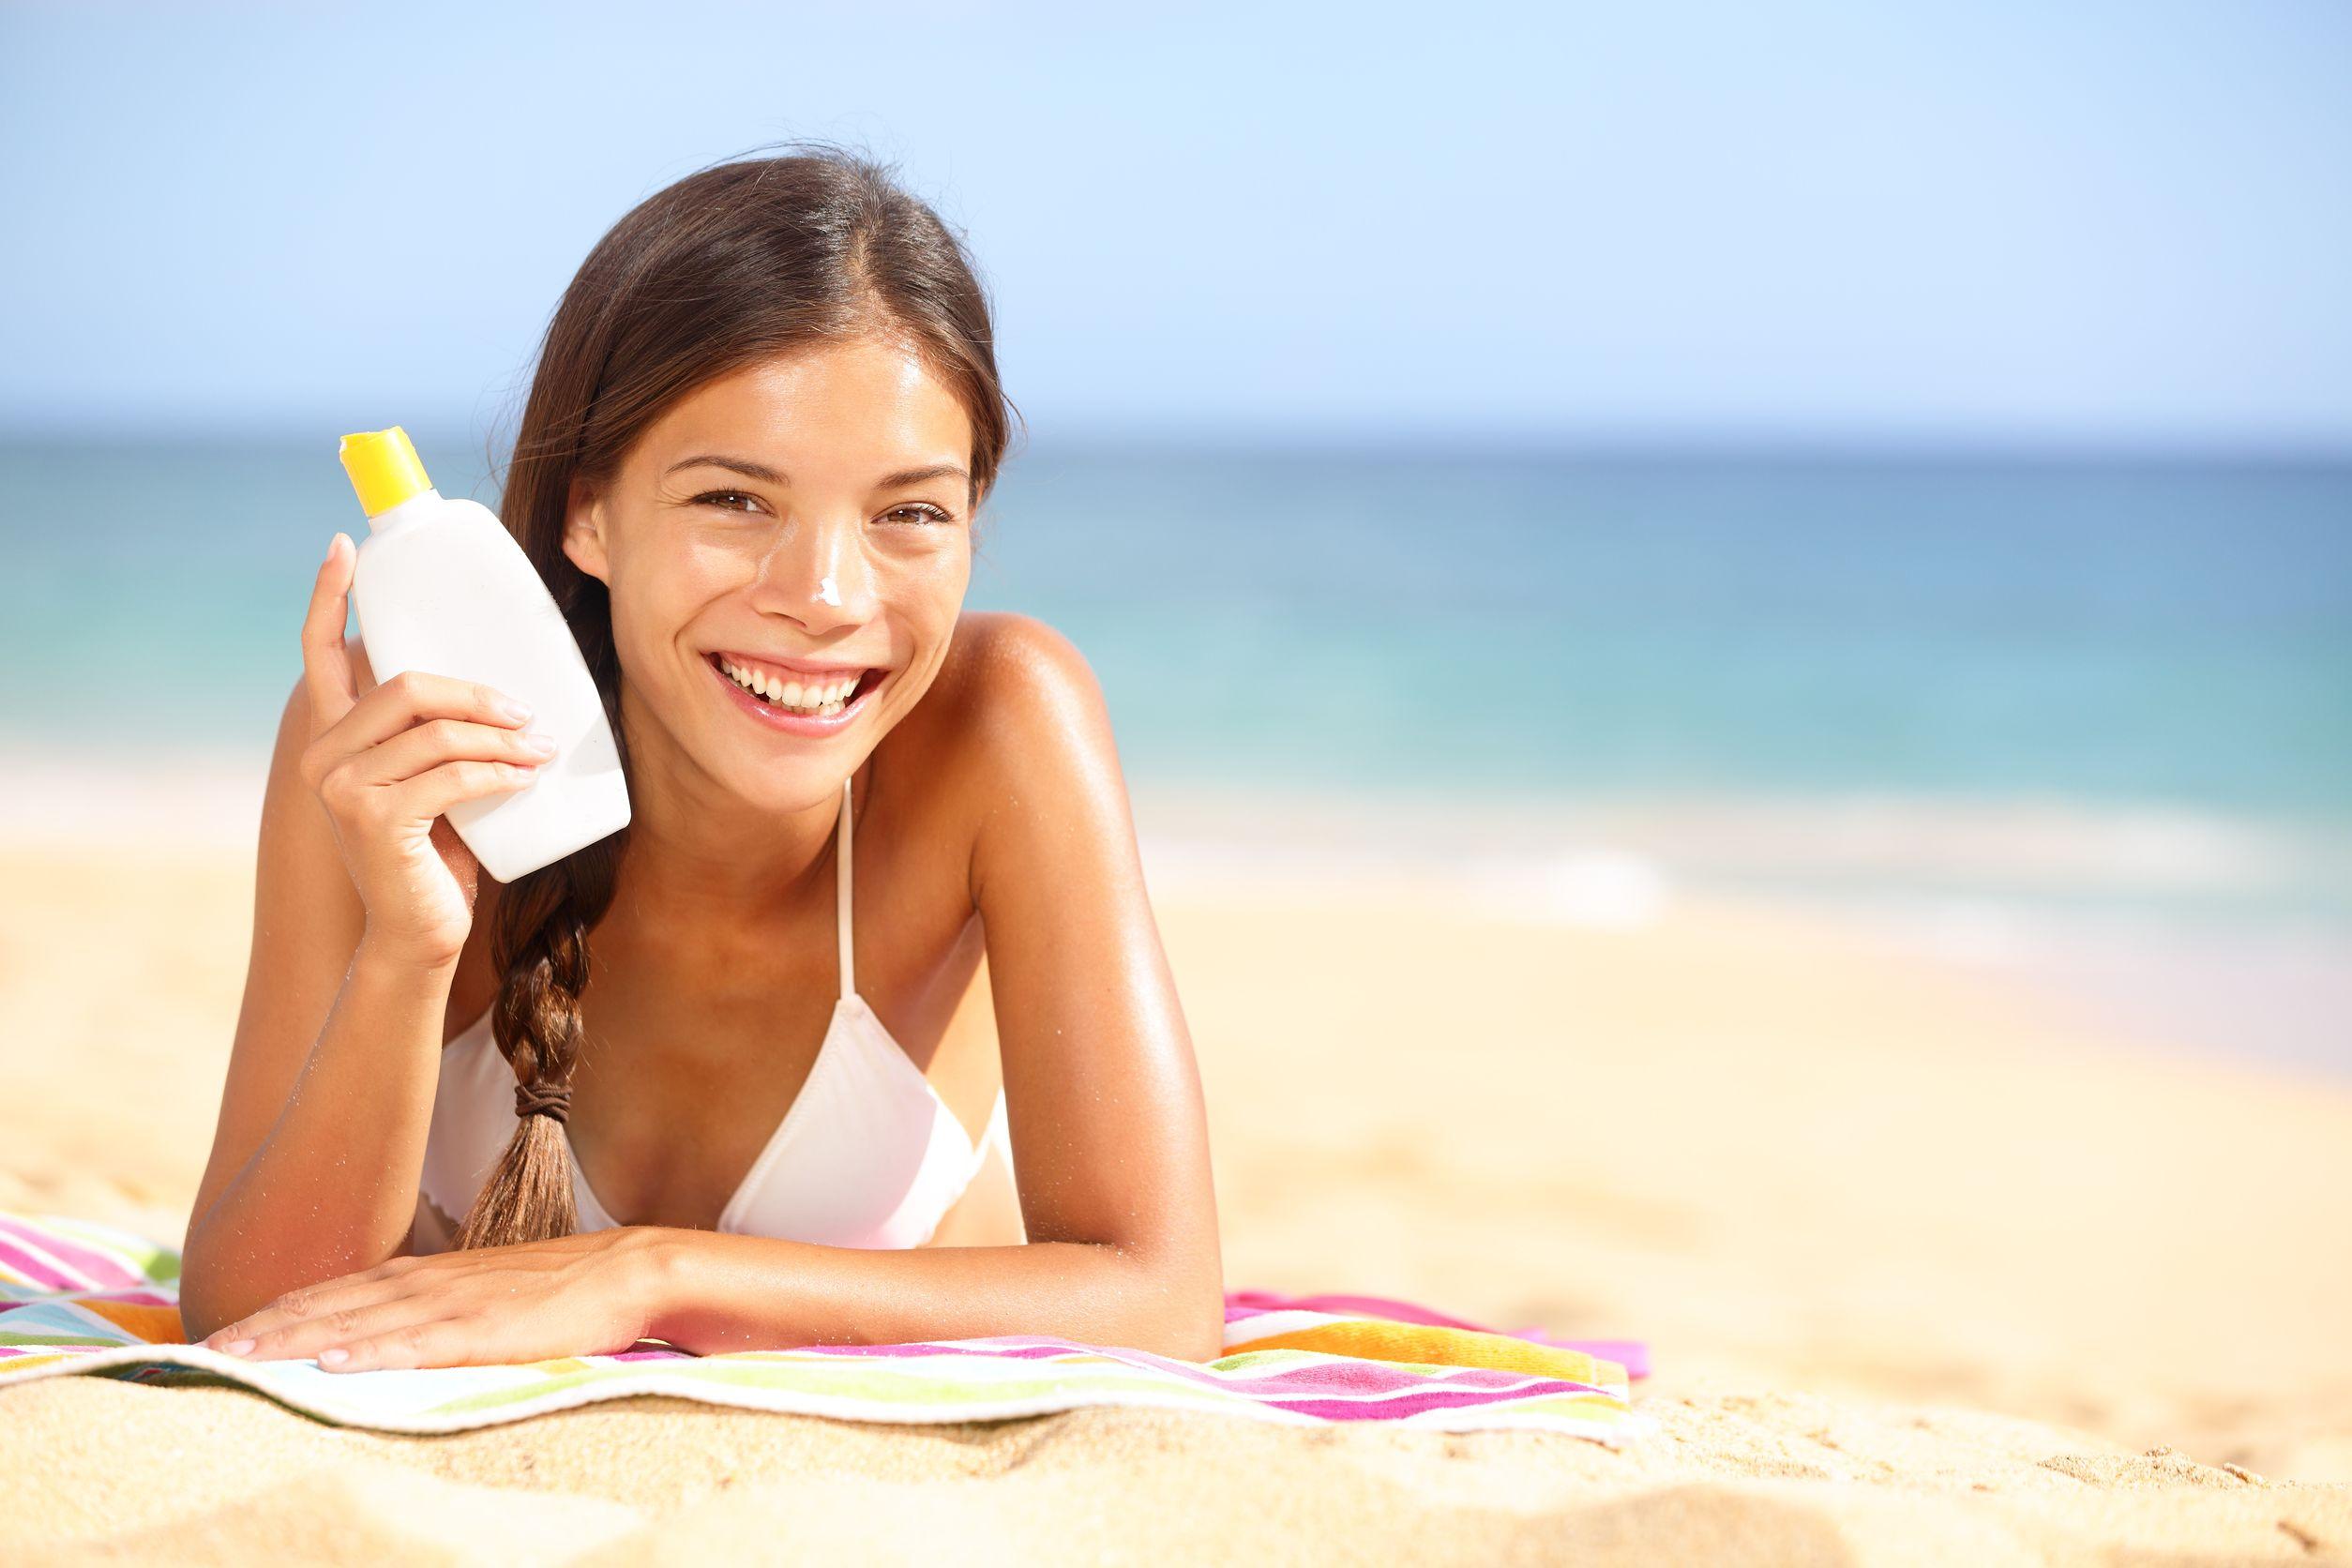 Mujer en la playa sosteniendo protector solar en la mano